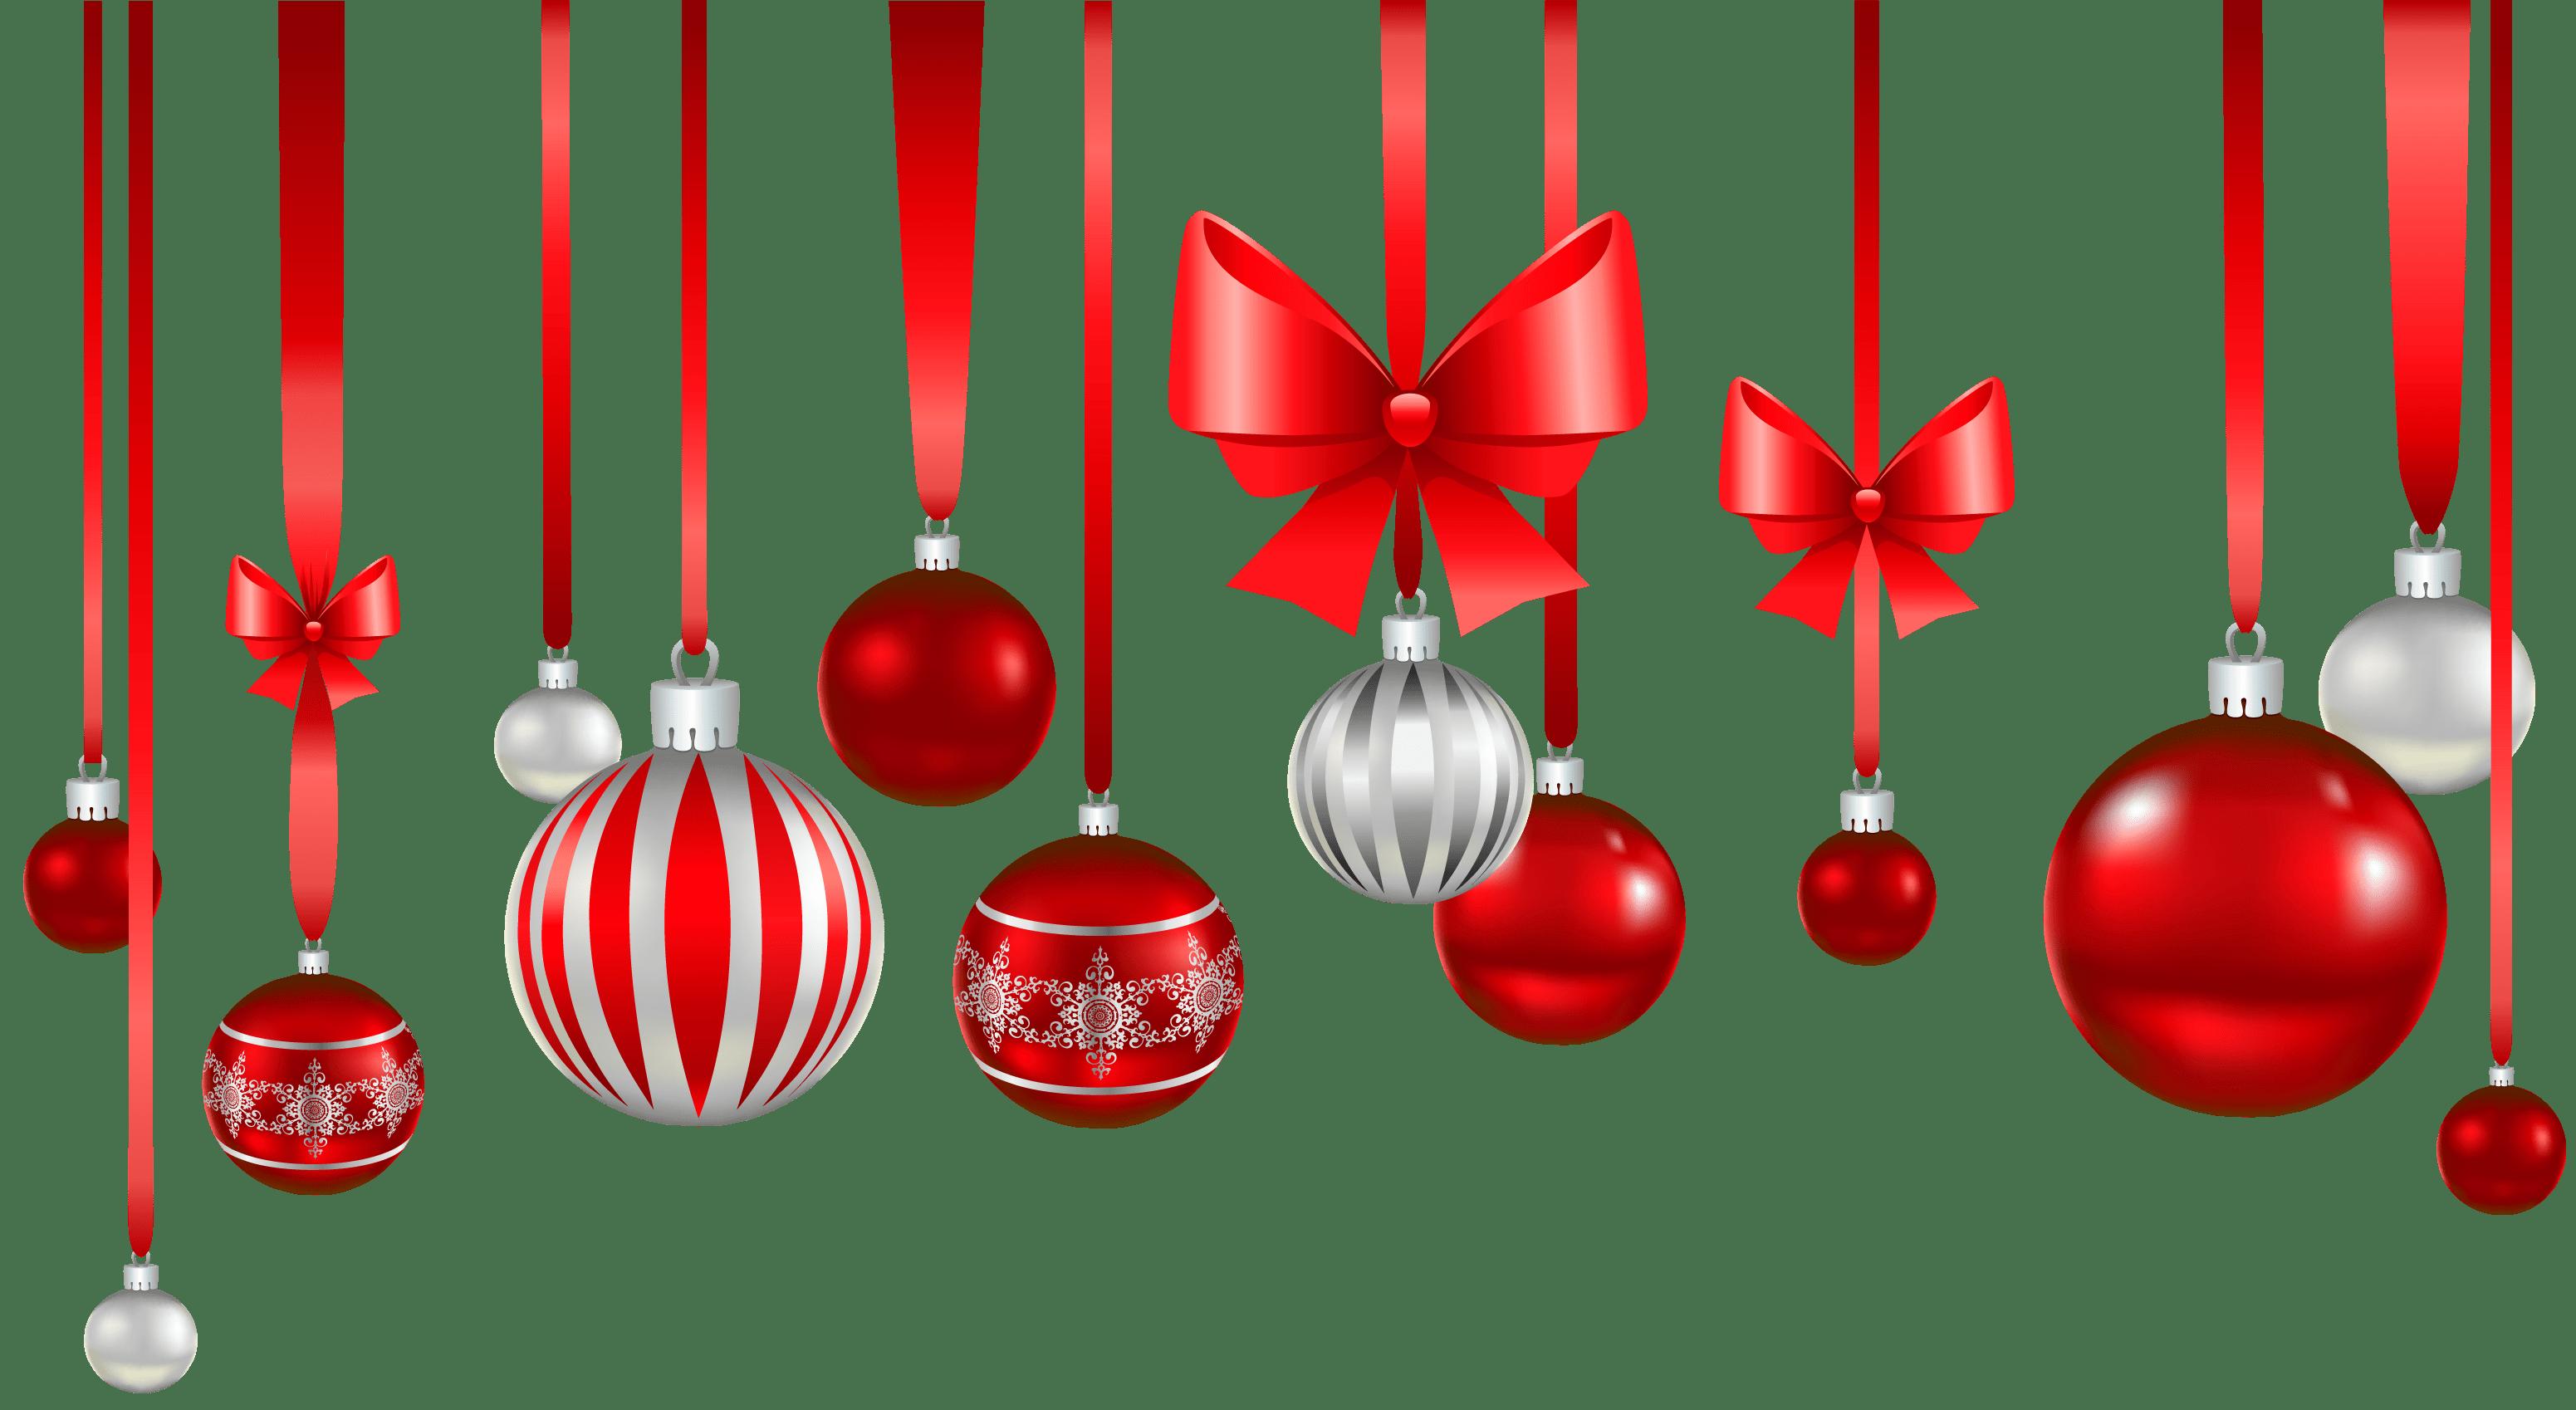 Design A Christmas Ornament